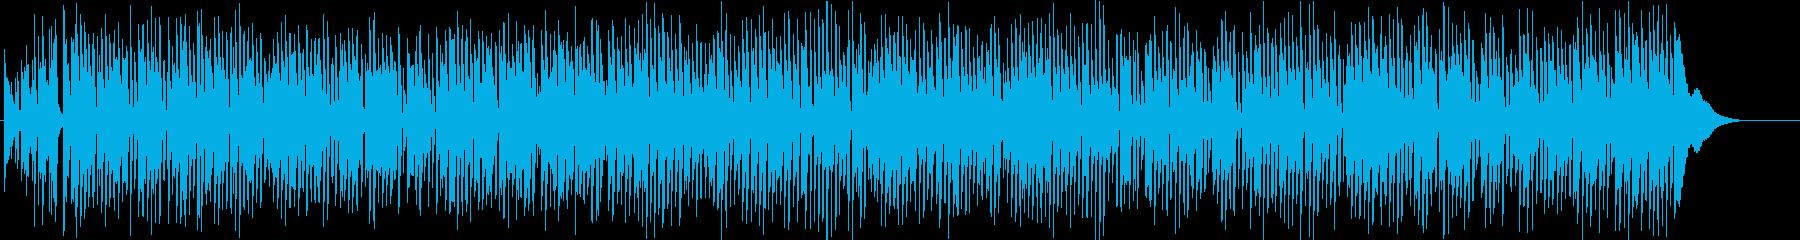 ジ・エンターテイナー アコギ 生演奏の再生済みの波形